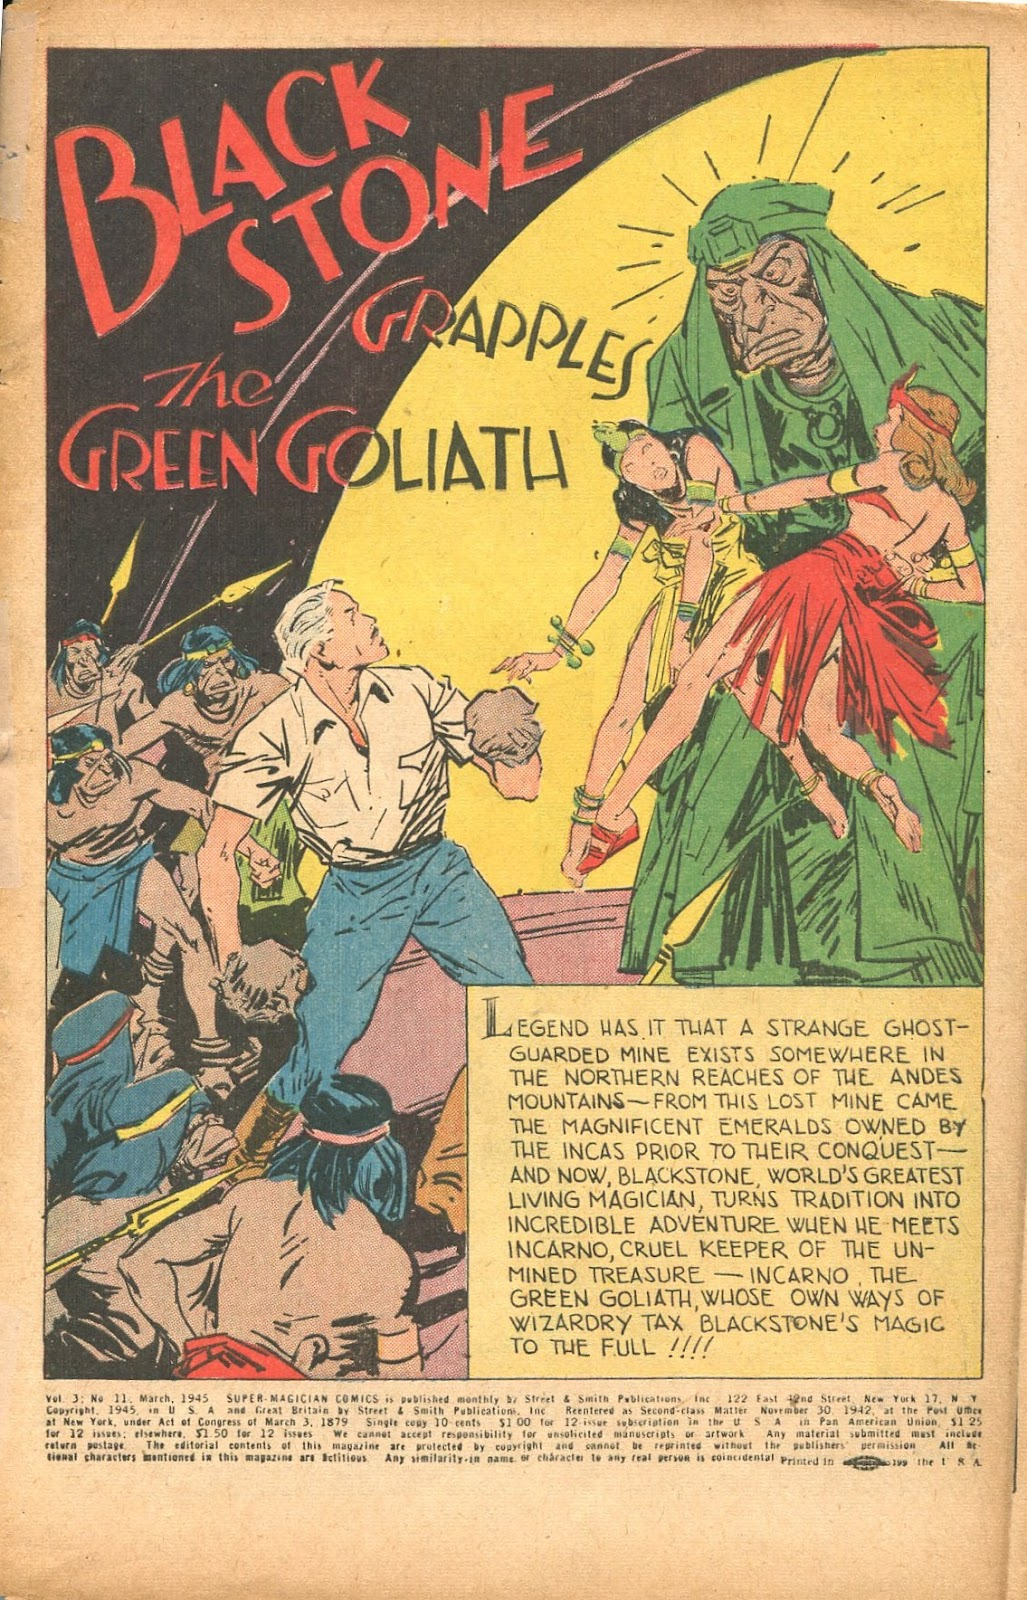 Read online Super-Magician Comics comic -  Issue #35 - 3